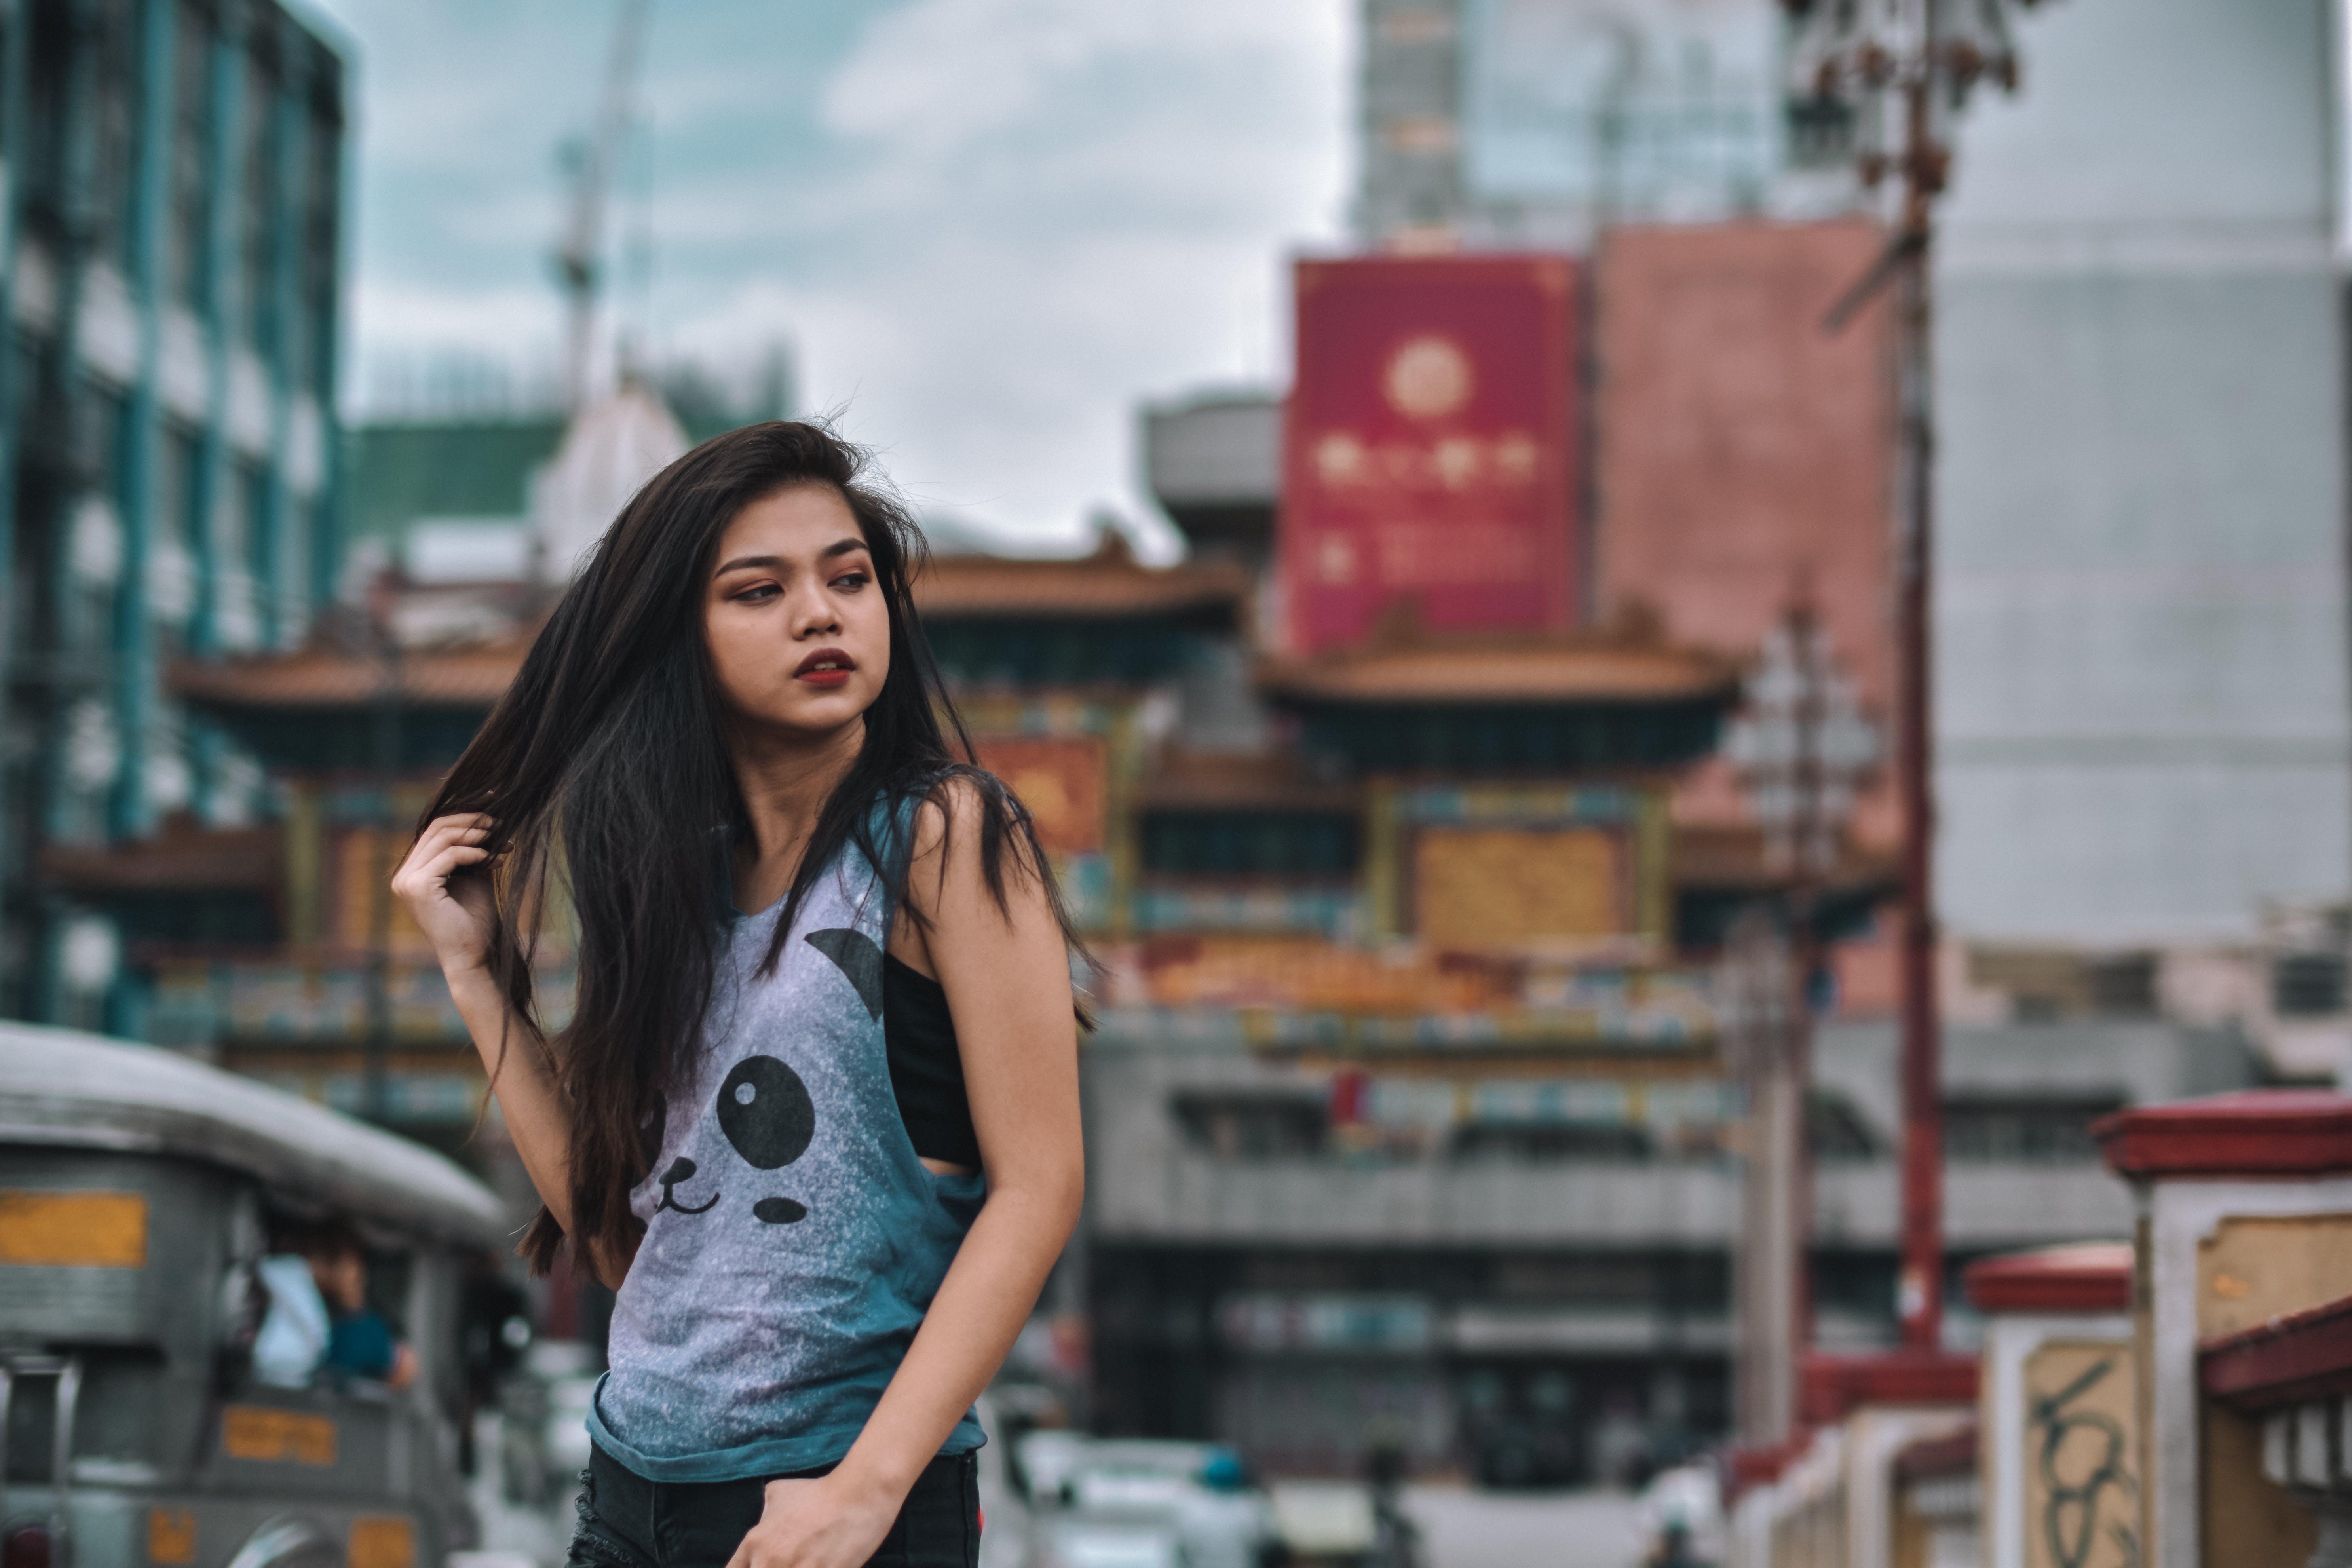 亞洲人, 亞洲女人, 交通系統, 人類 的 免费素材照片